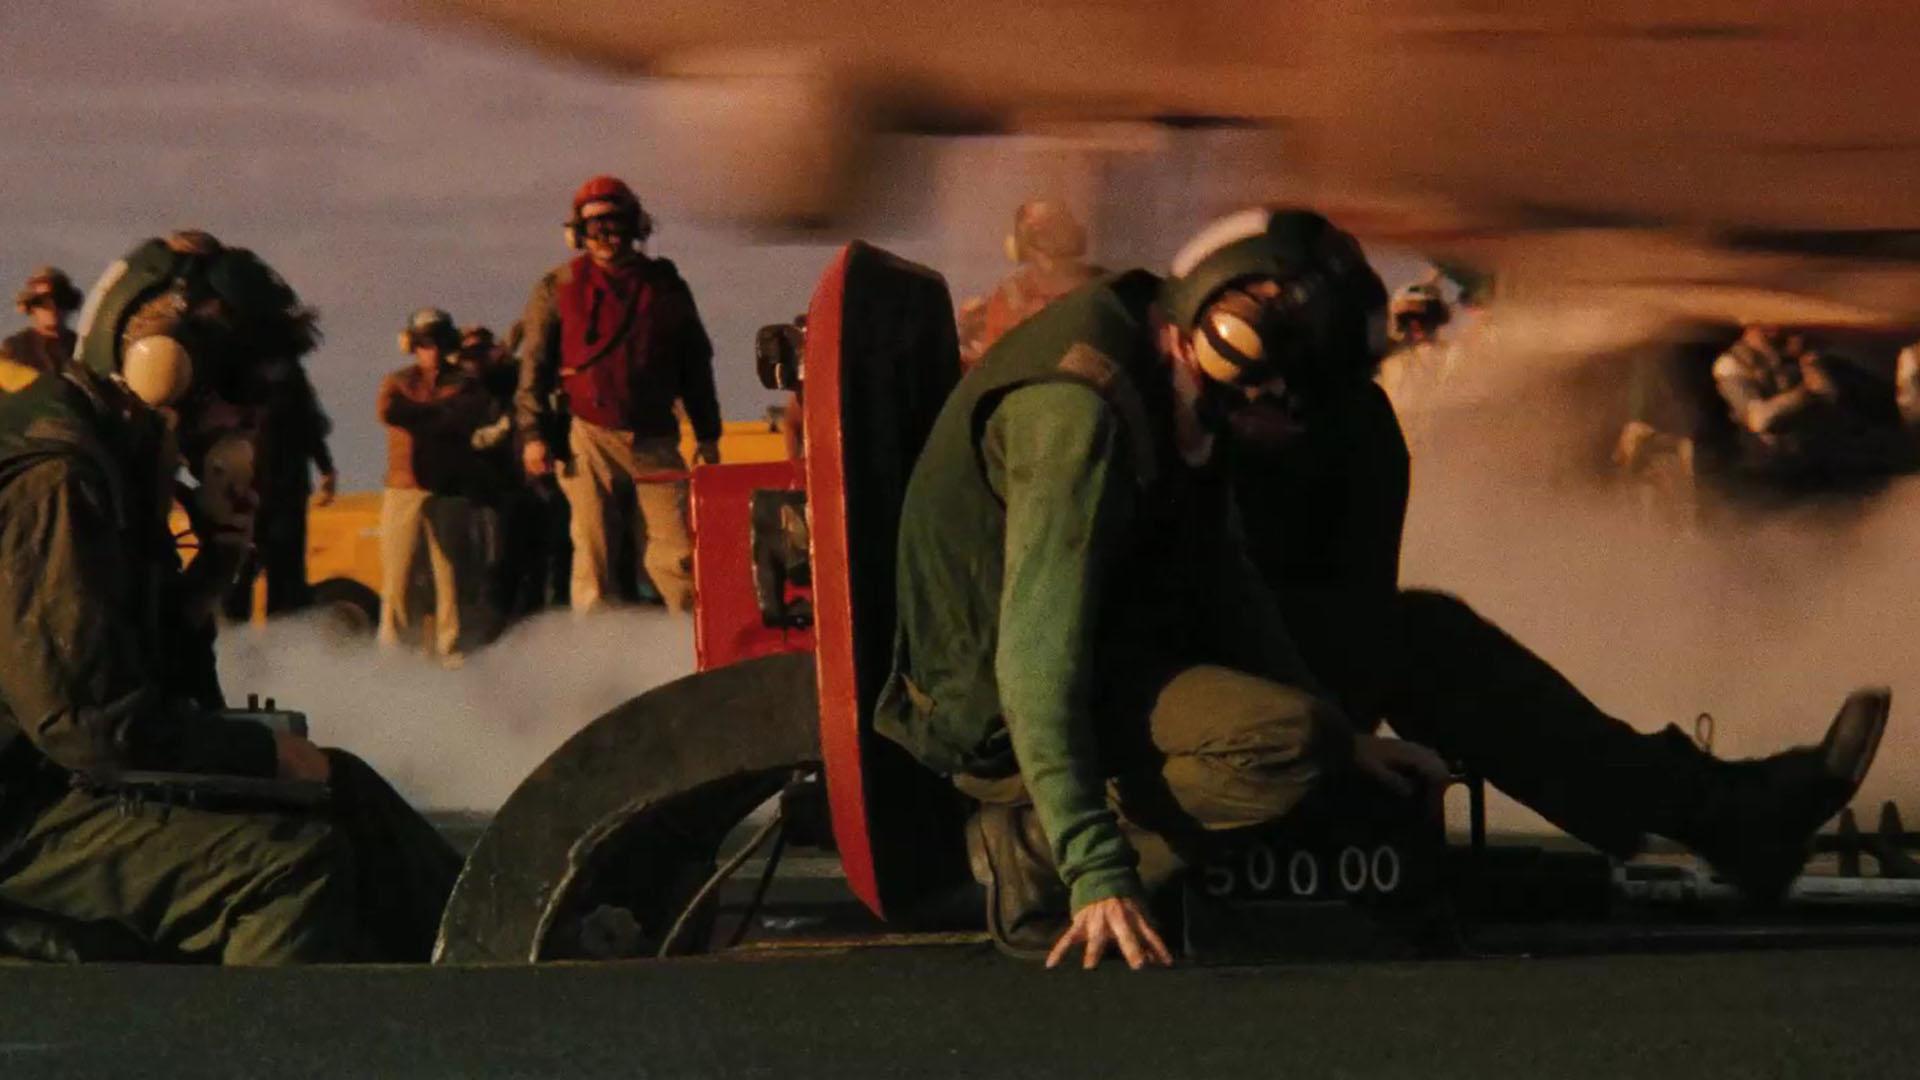 Top Gun 3d | Free Desktop Wallpapers for Widescreen, HD ...